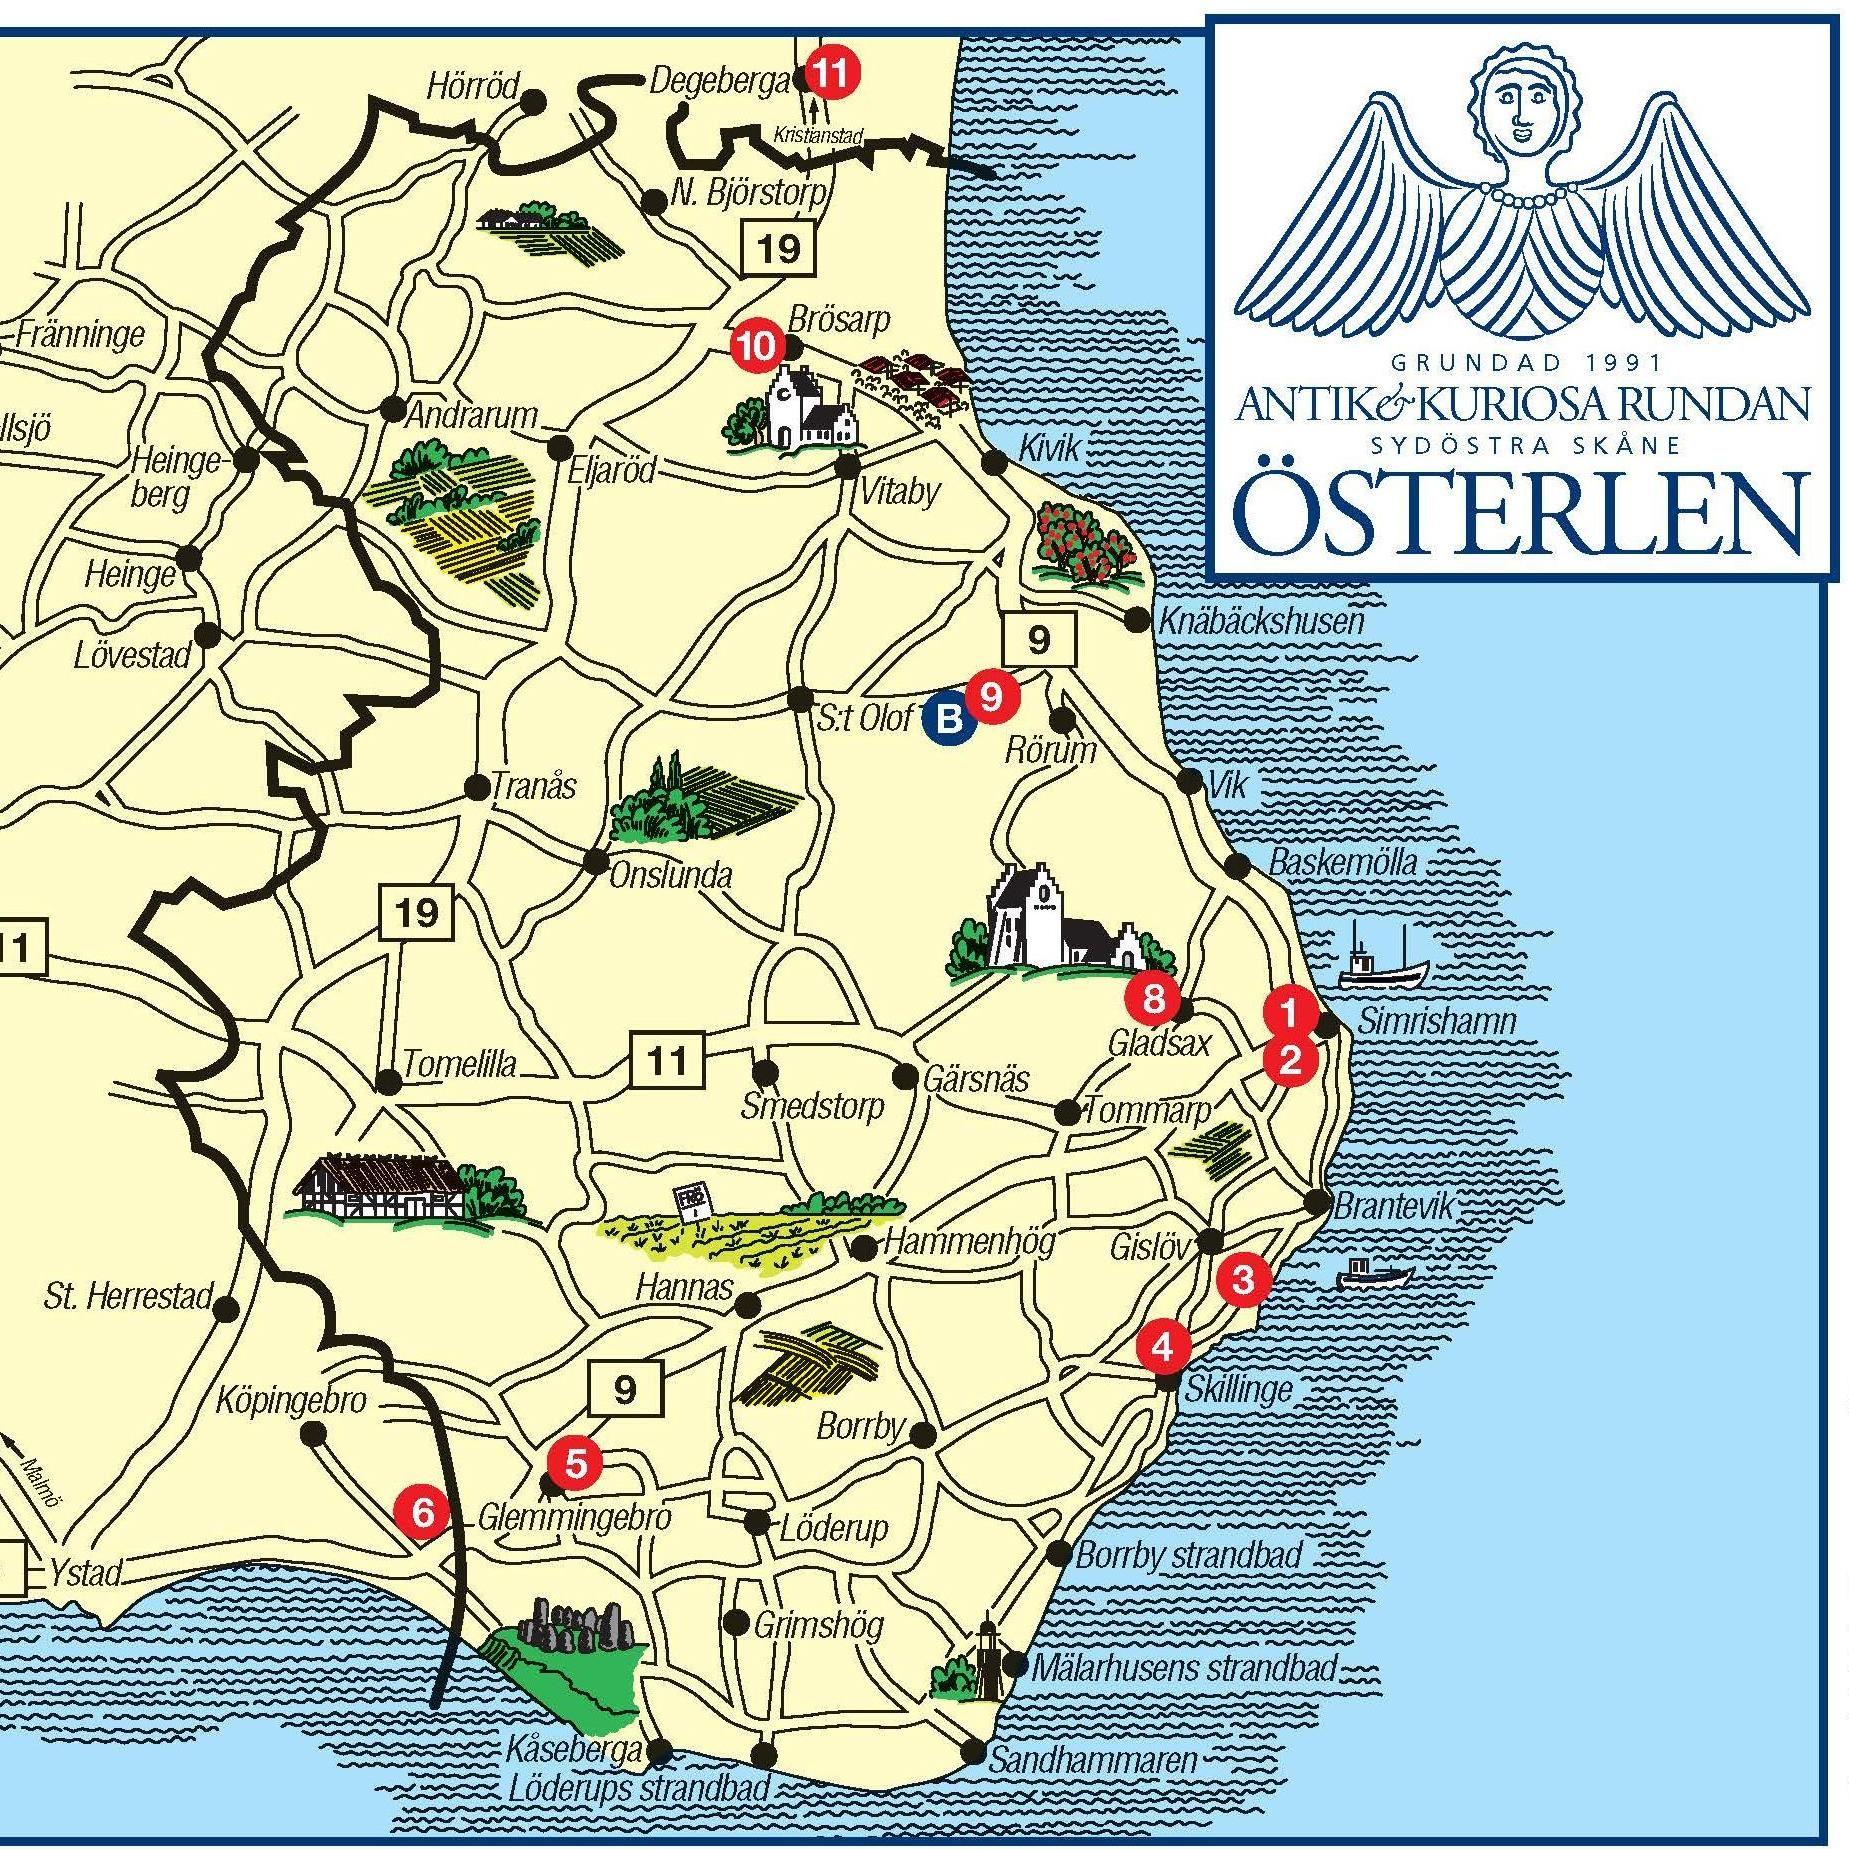 österlen karta Antikhandlarföreningen Ängeln Österlen, Karta, Antikviteter  österlen karta